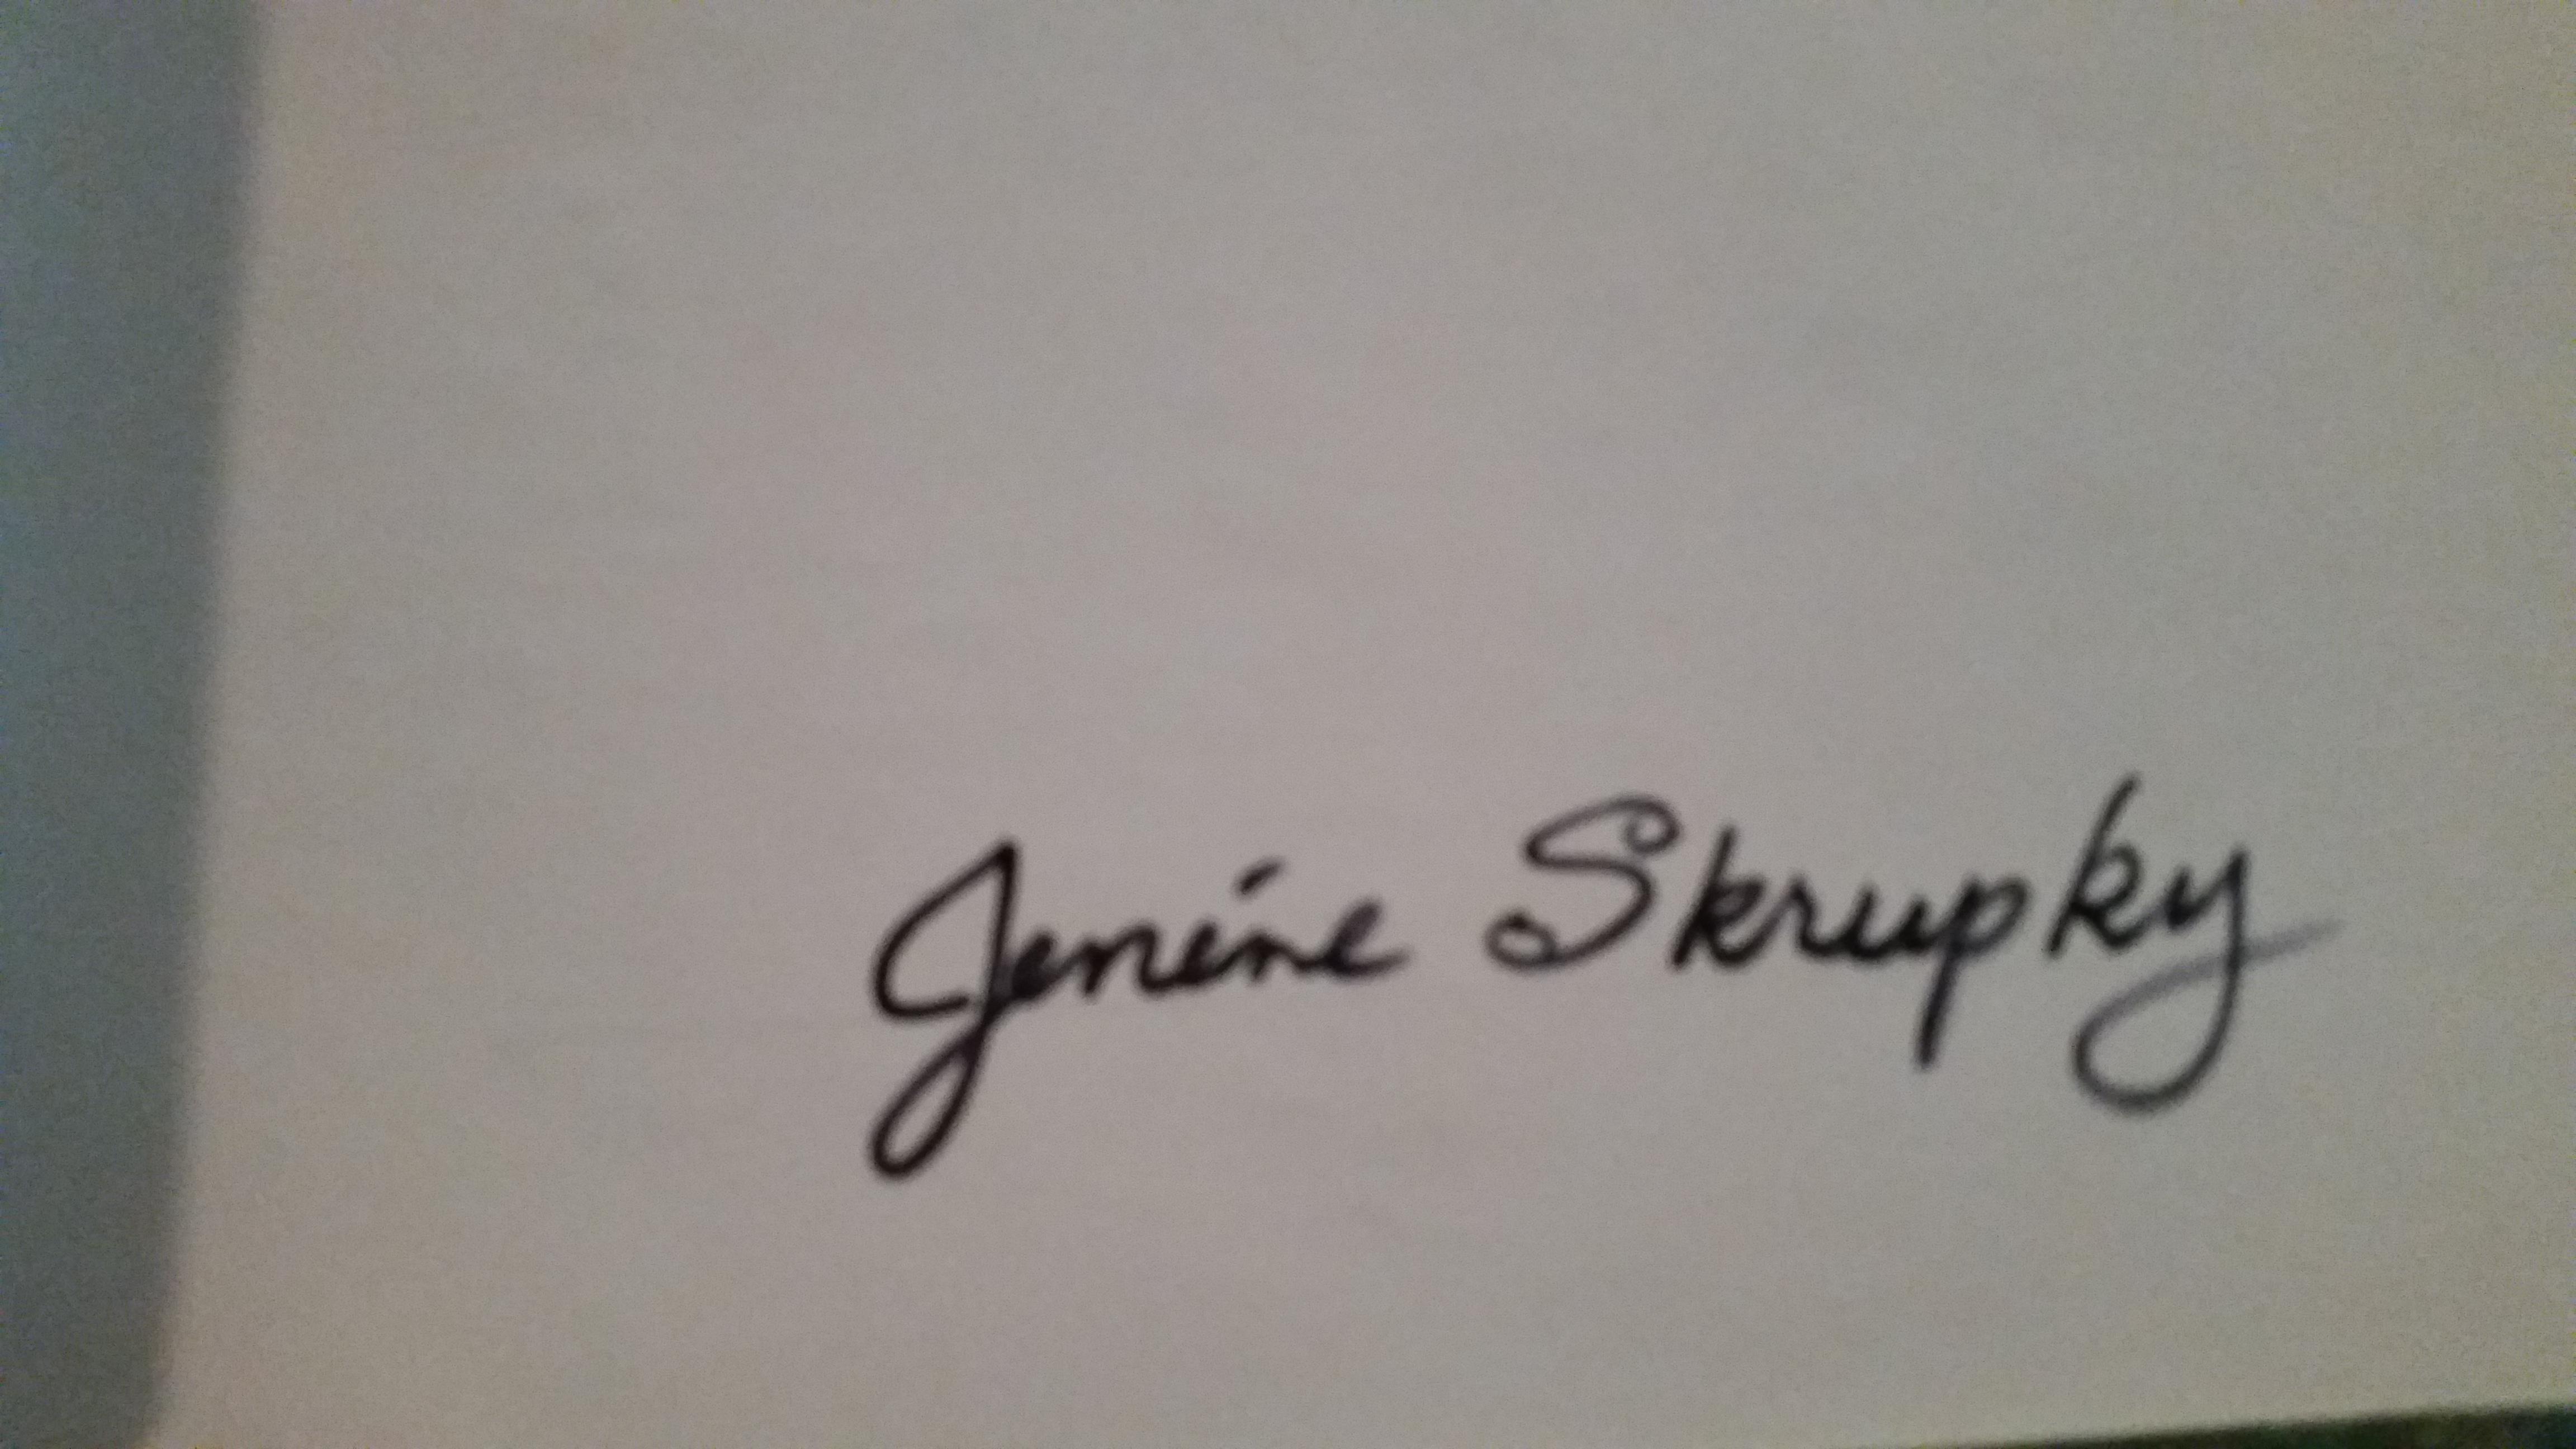 Jenene Skrupky's Signature